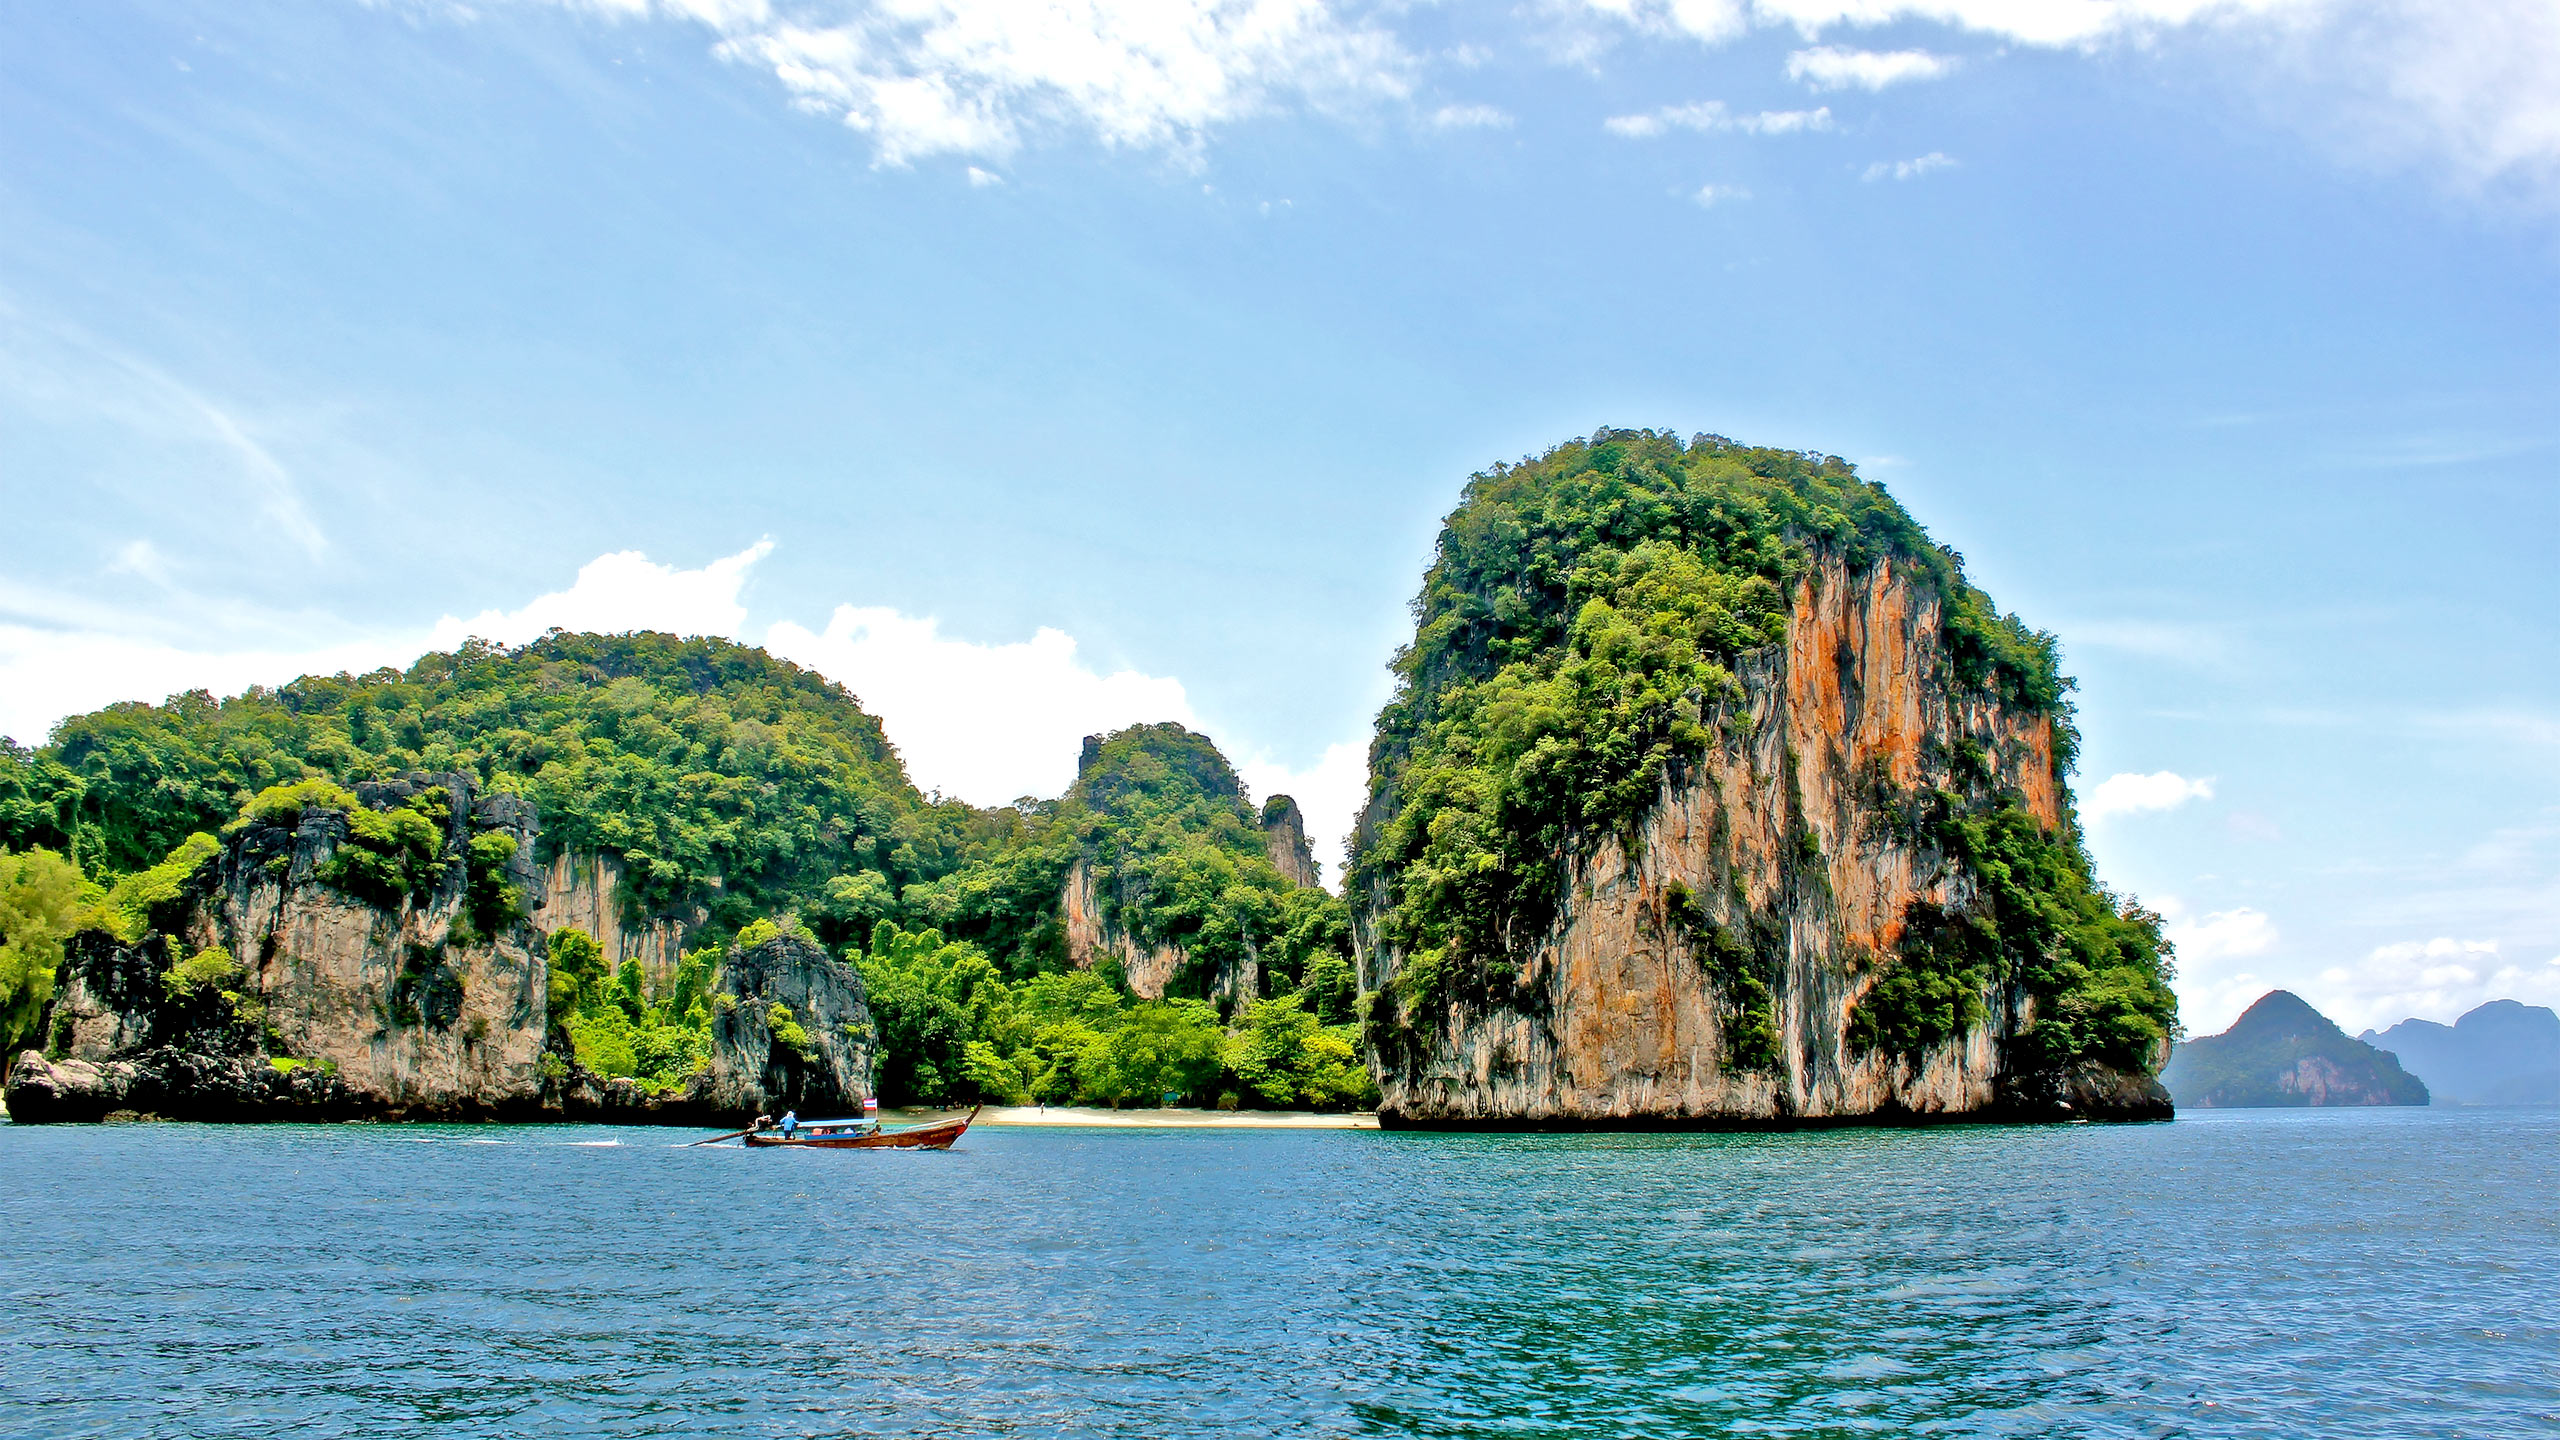 Koh Hong, Phuket Thailand.